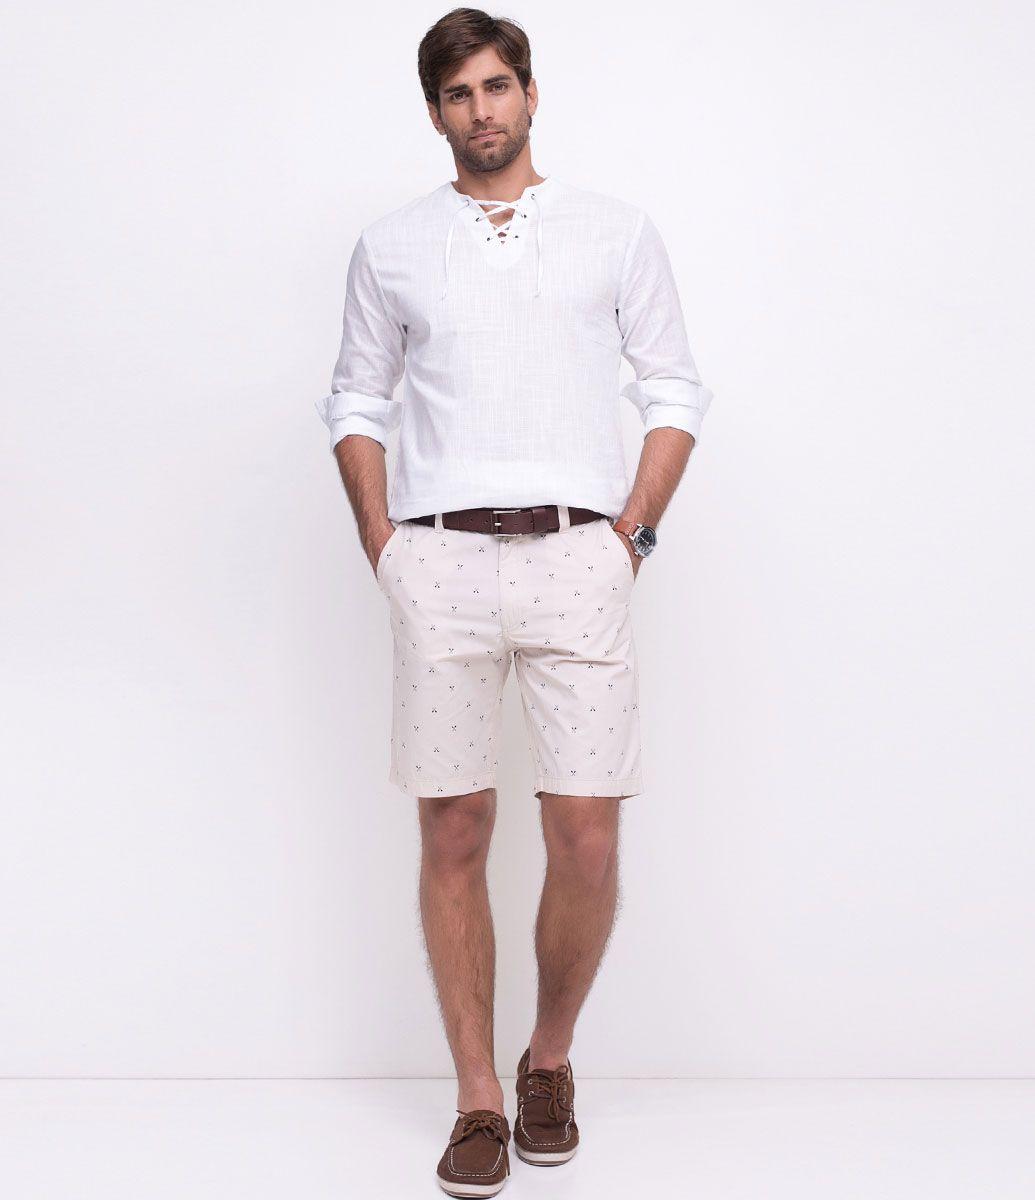 2925e9602bcd Camisa masculina Manga longa Gola padre Com amarração Marca: Marfinno  Tecido: Voal Composição: